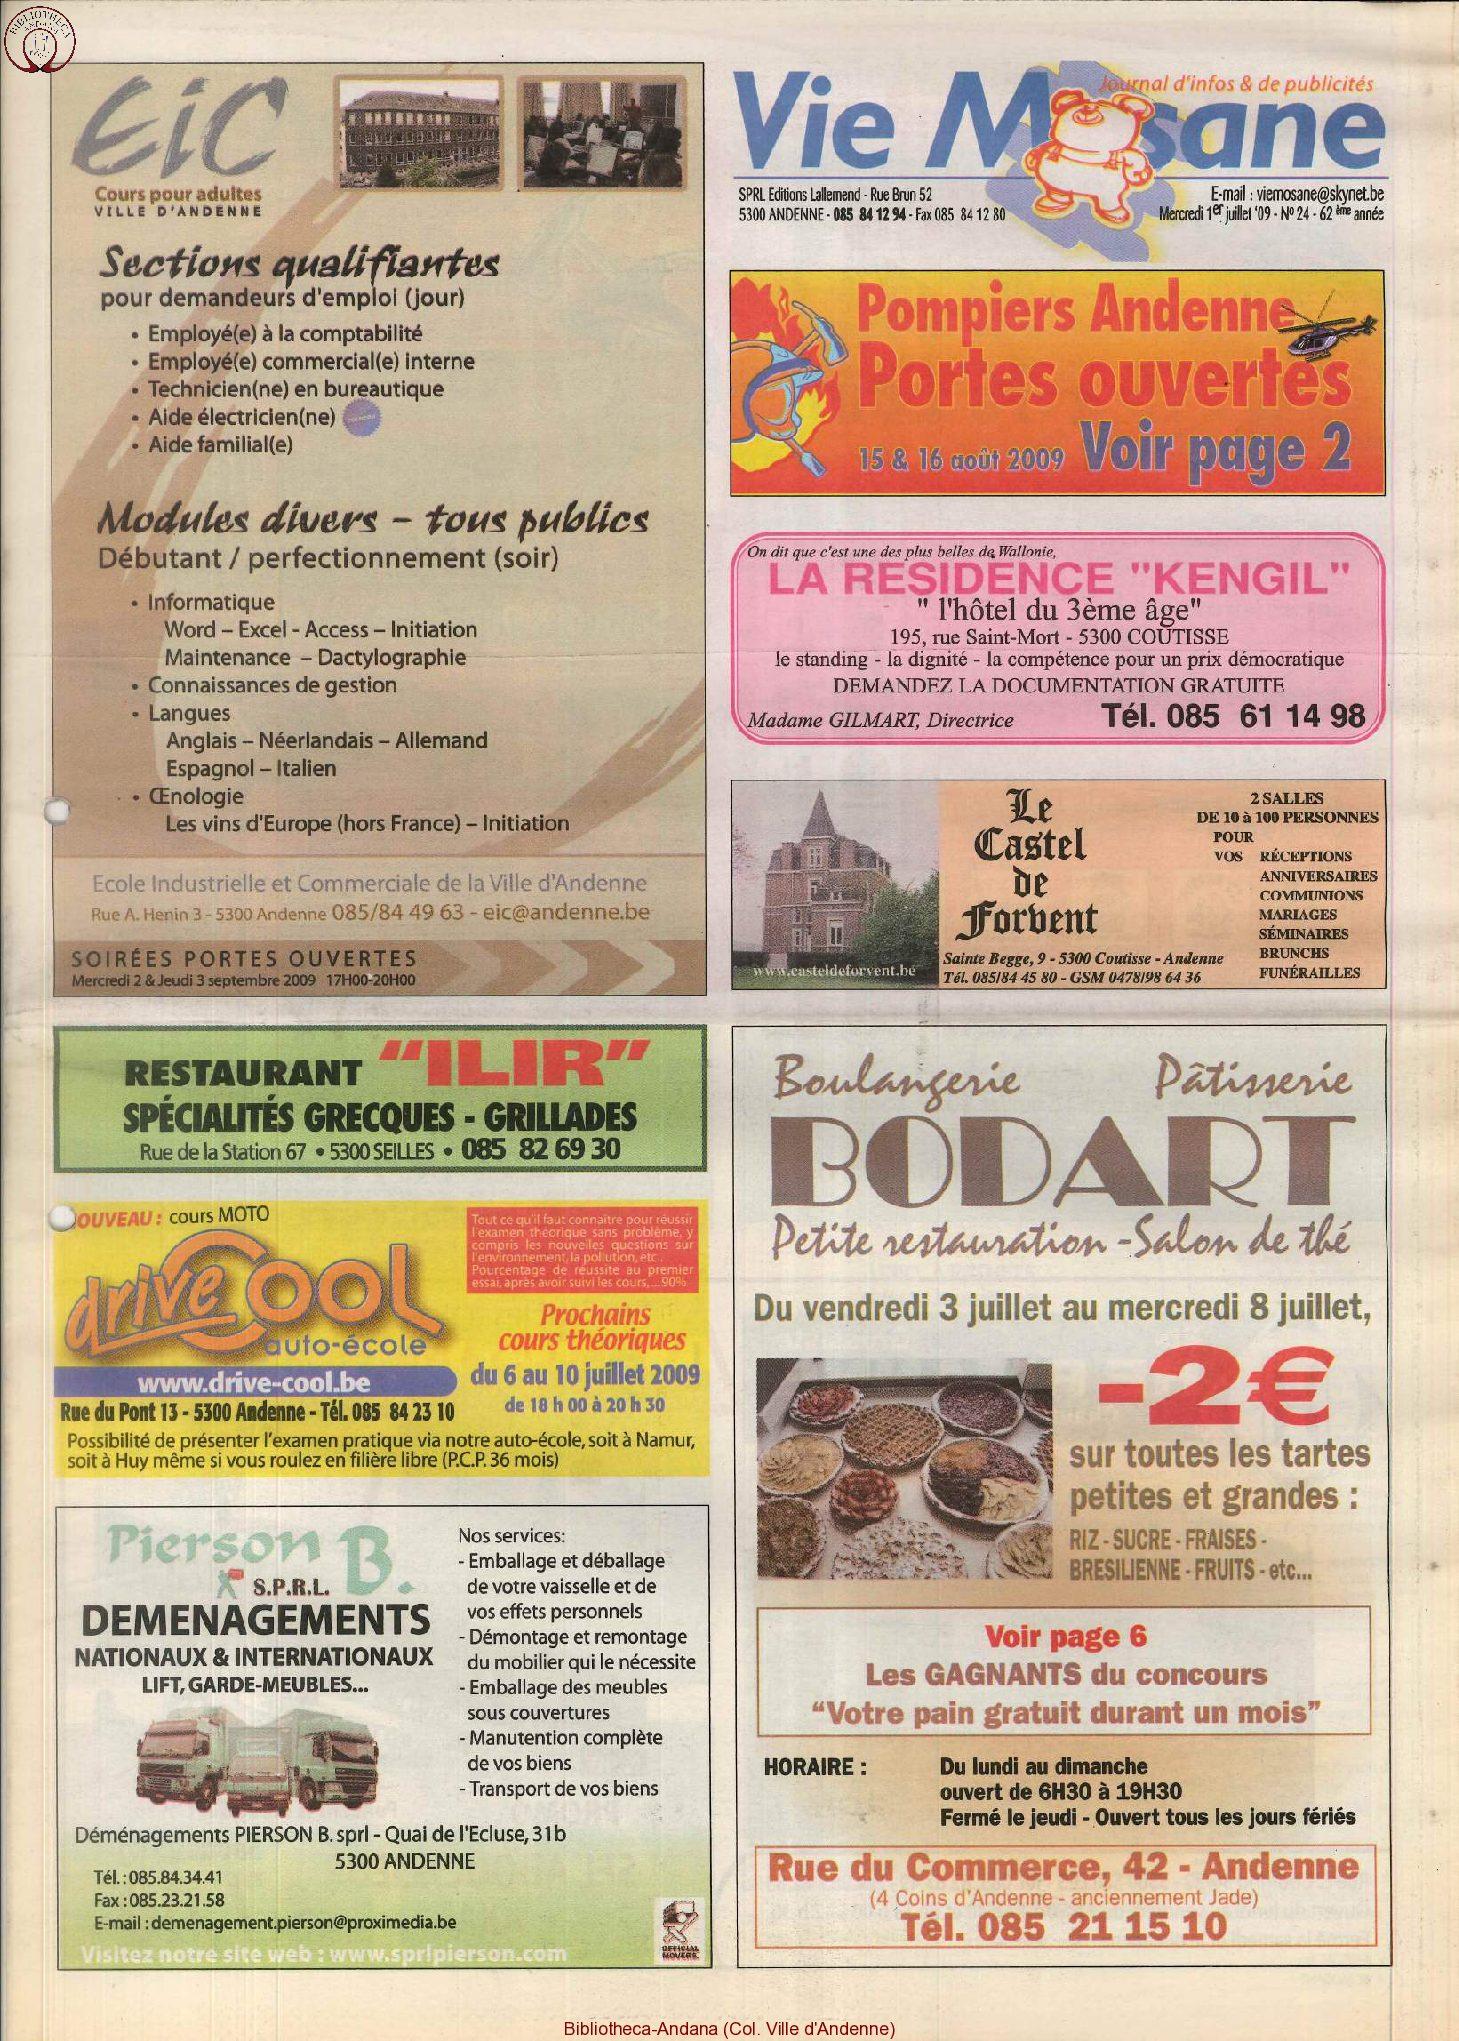 62e année - n°24 - 1er juillet 2009